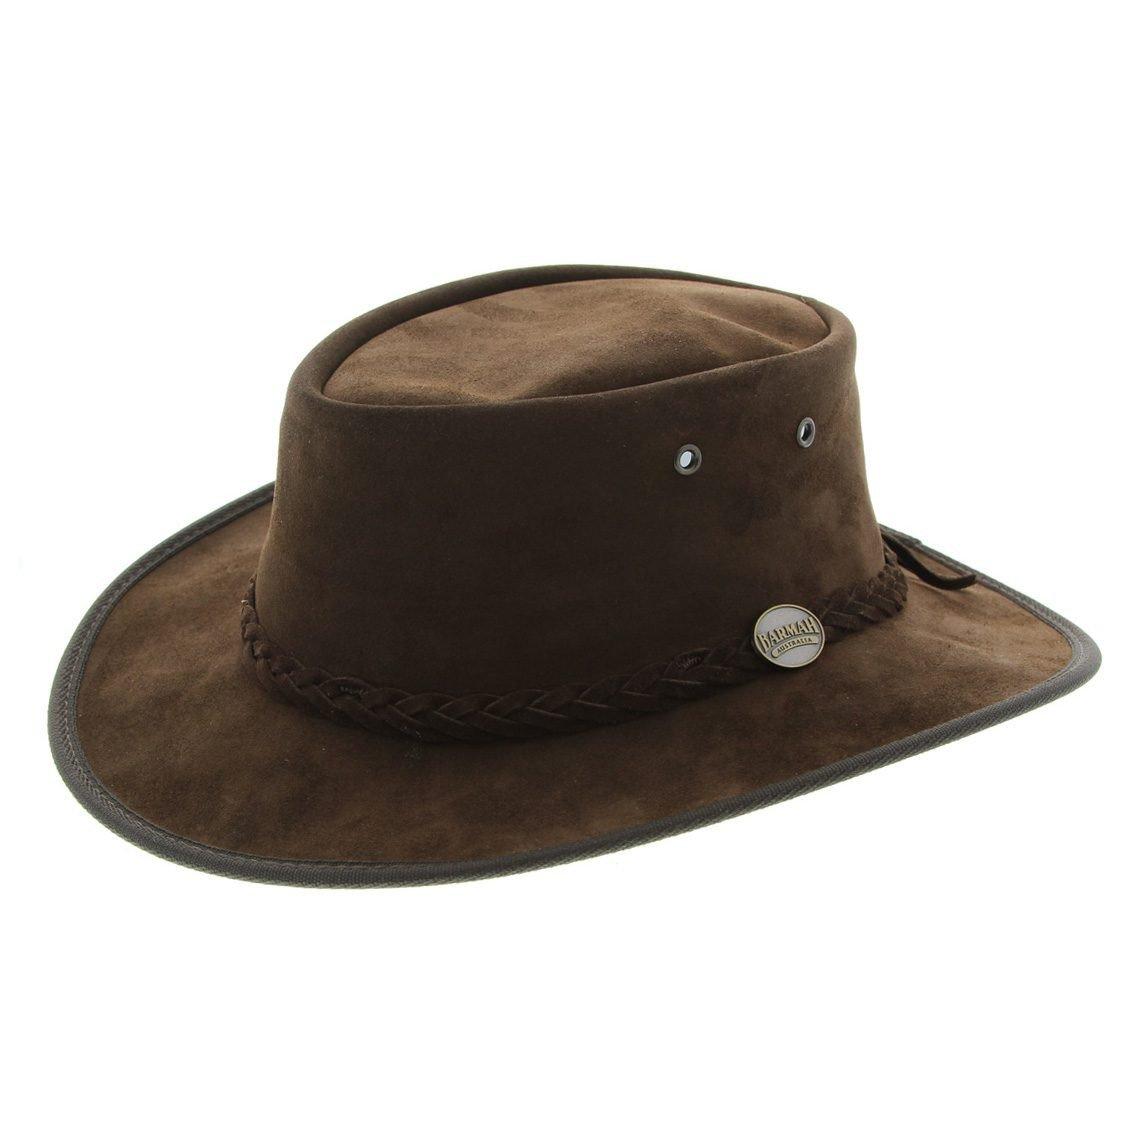 753278b97 Barmah 1061 CH Foldaway Suede Leather Hat - Choc